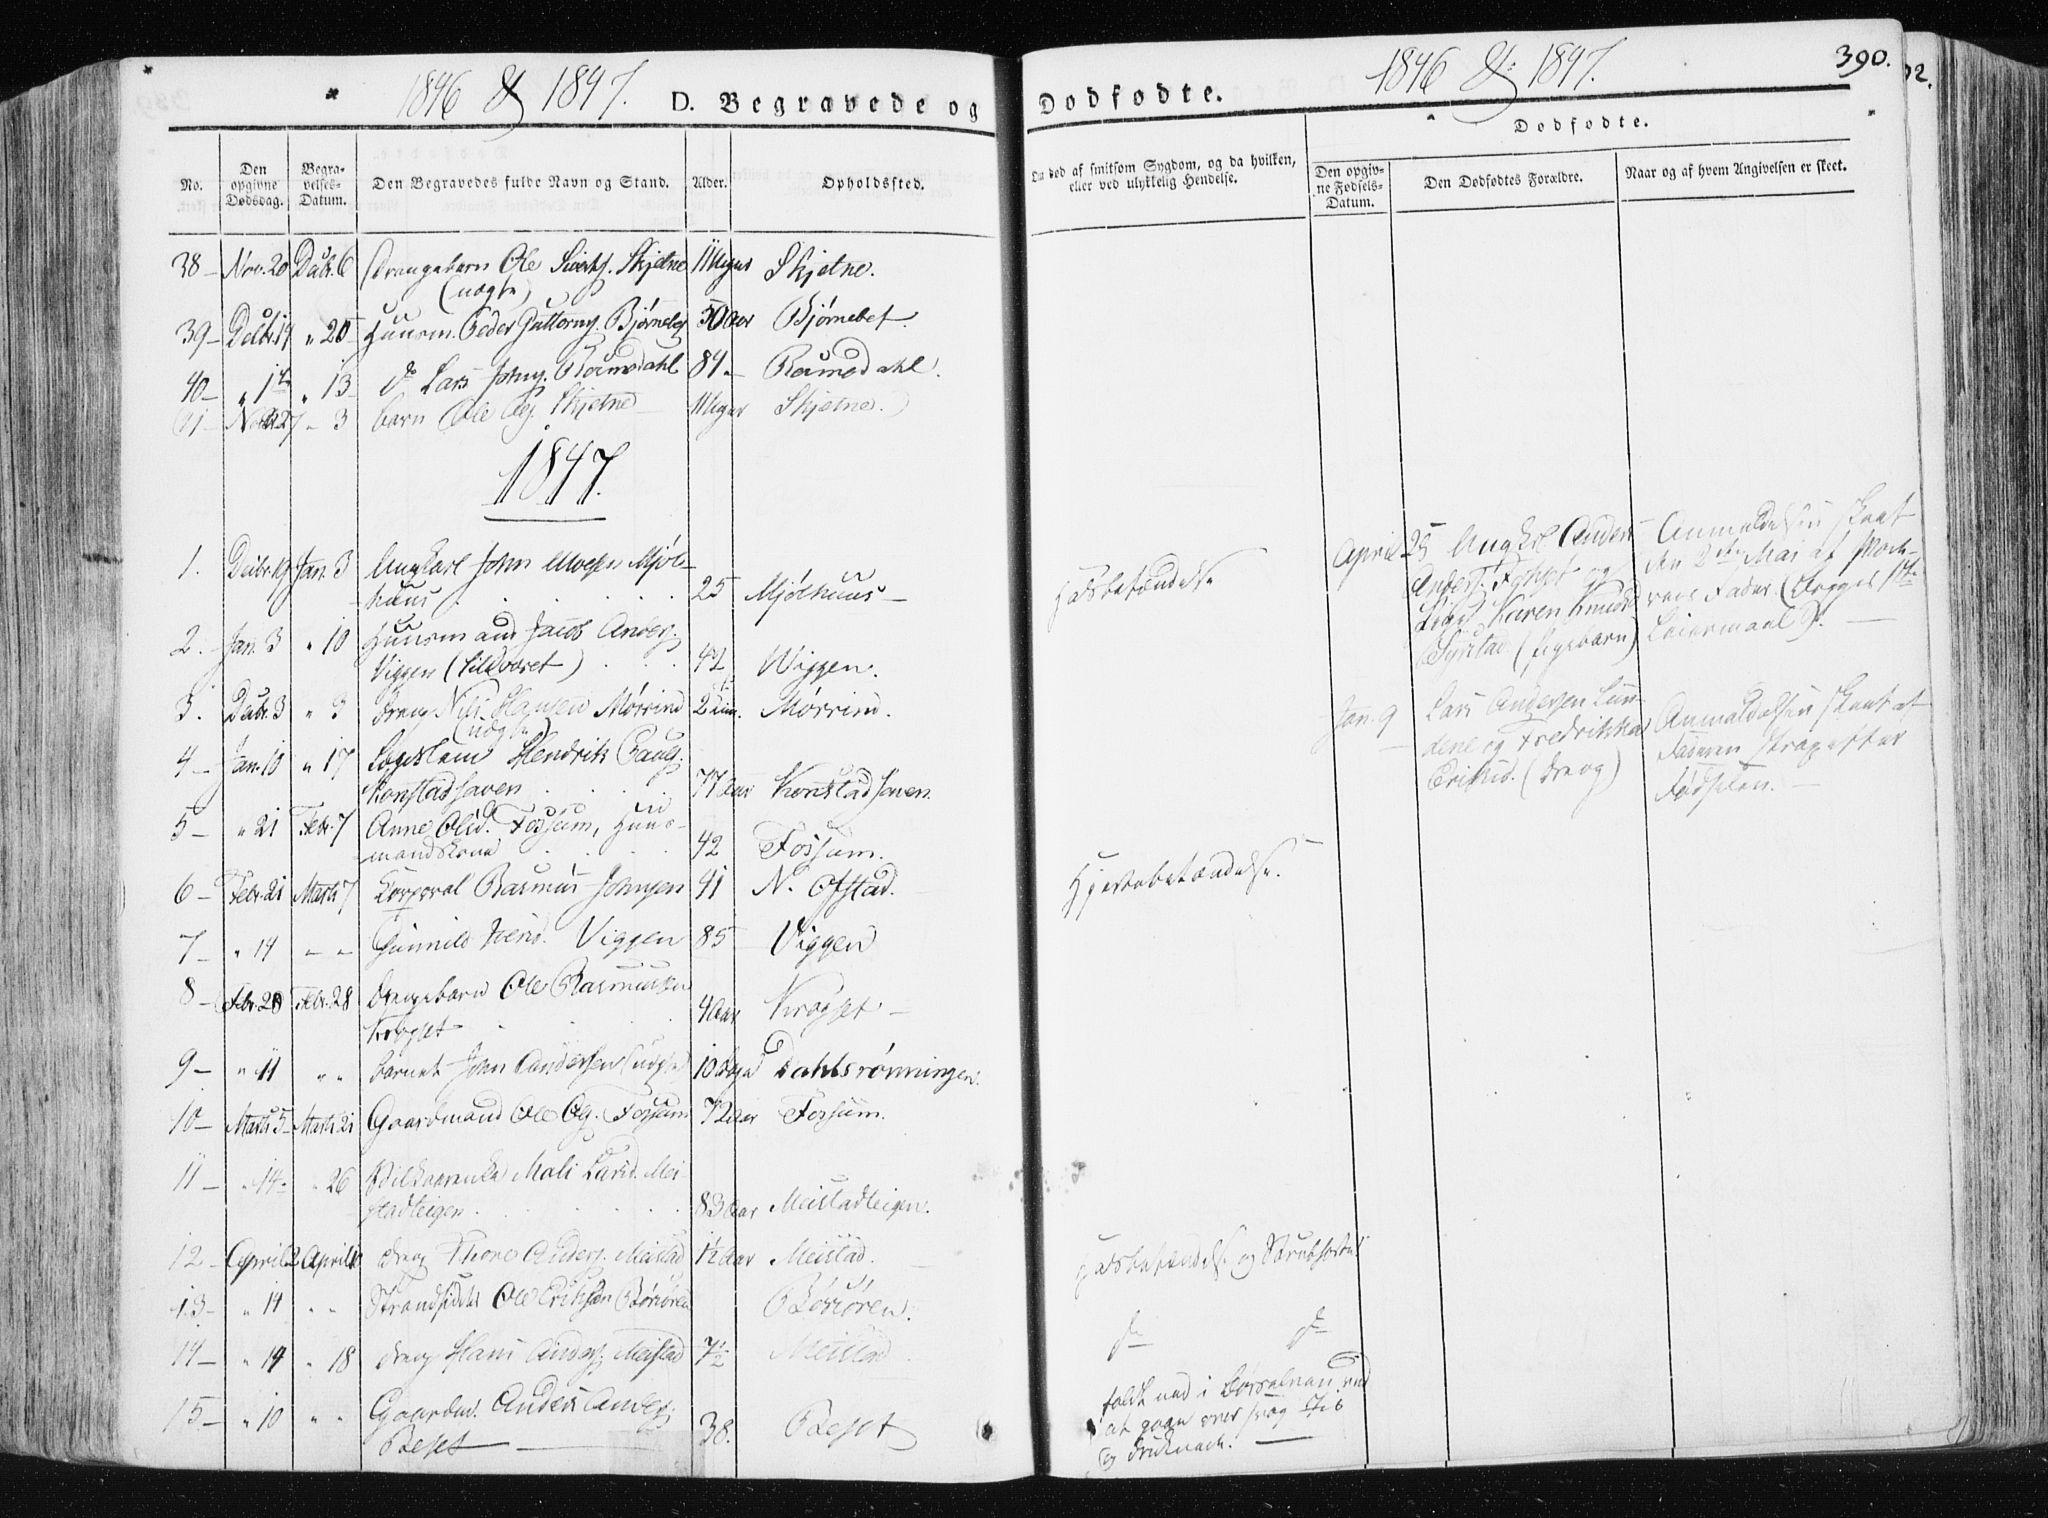 SAT, Ministerialprotokoller, klokkerbøker og fødselsregistre - Sør-Trøndelag, 665/L0771: Ministerialbok nr. 665A06, 1830-1856, s. 390